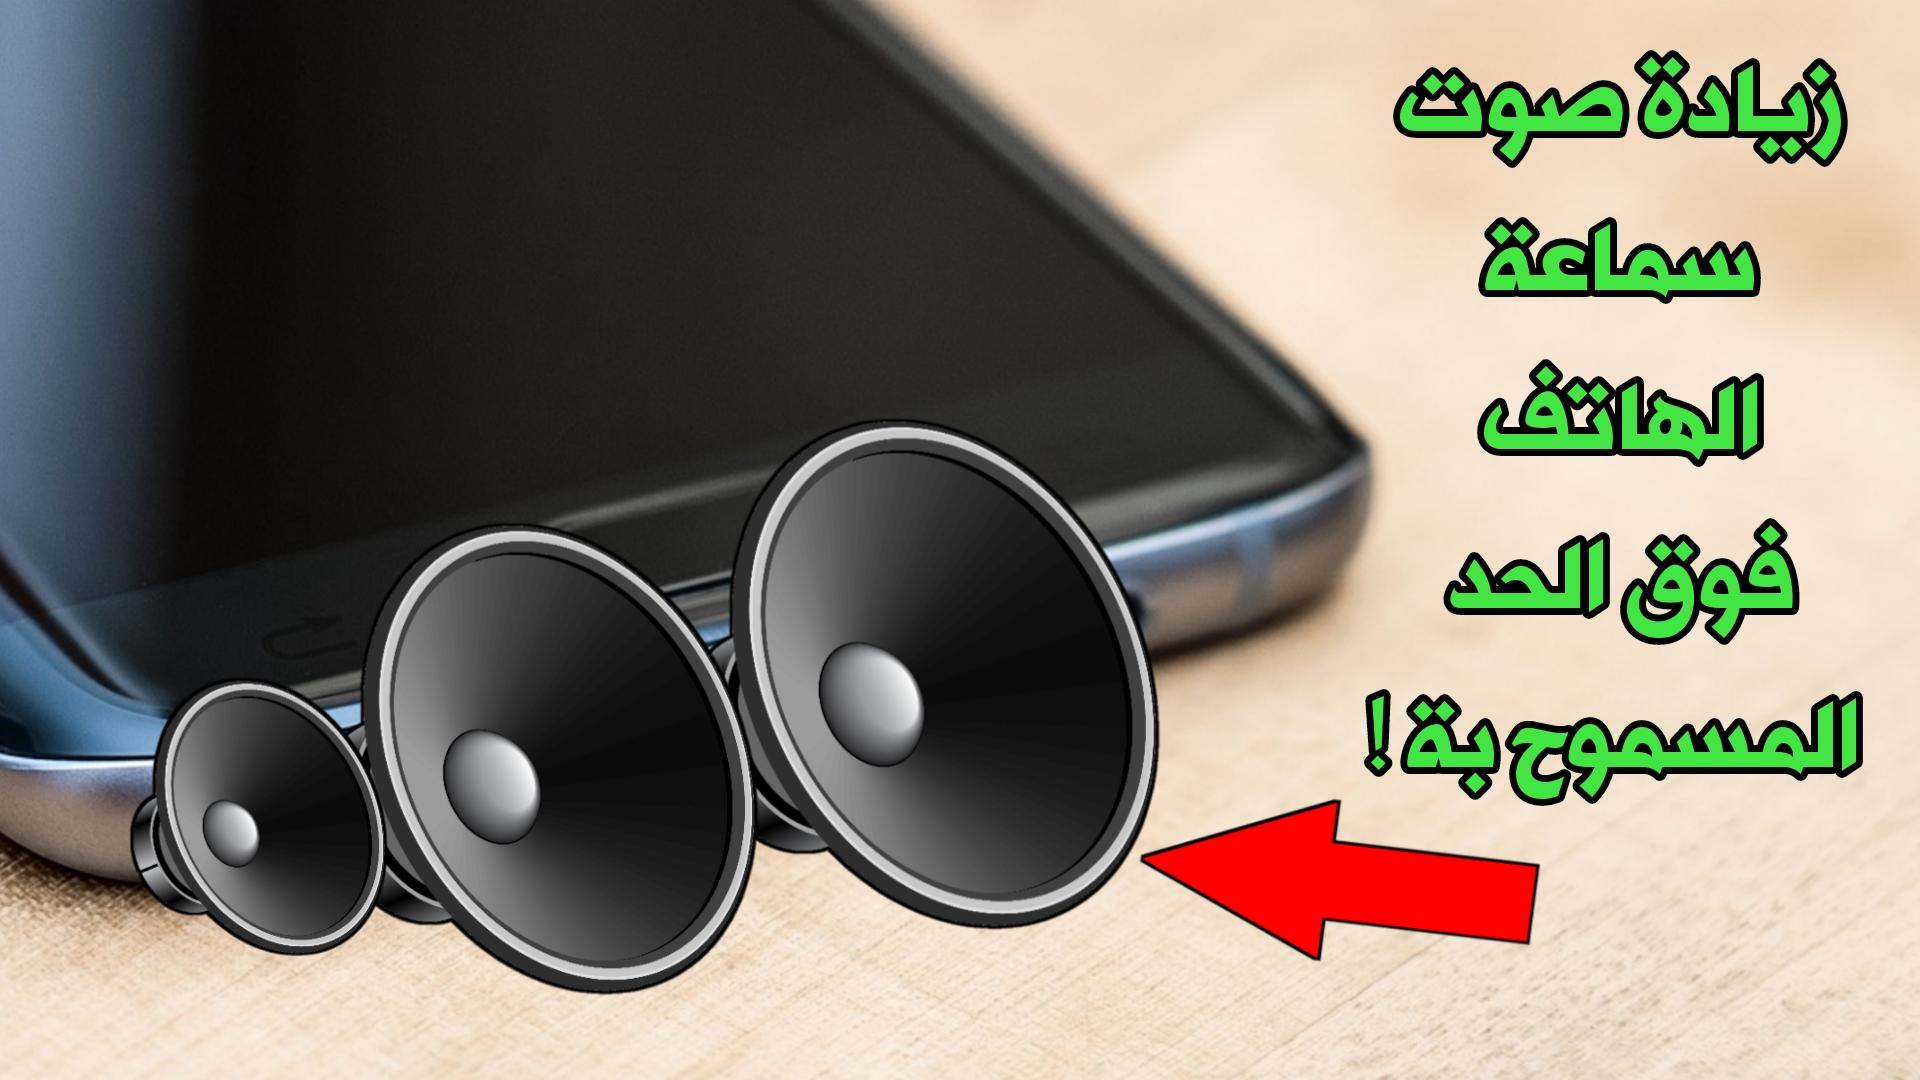 كيفية حل مشكلة ضعف صوت سماعة الهاتف ! زيادة الصوت فوق الحد المسموح بة !